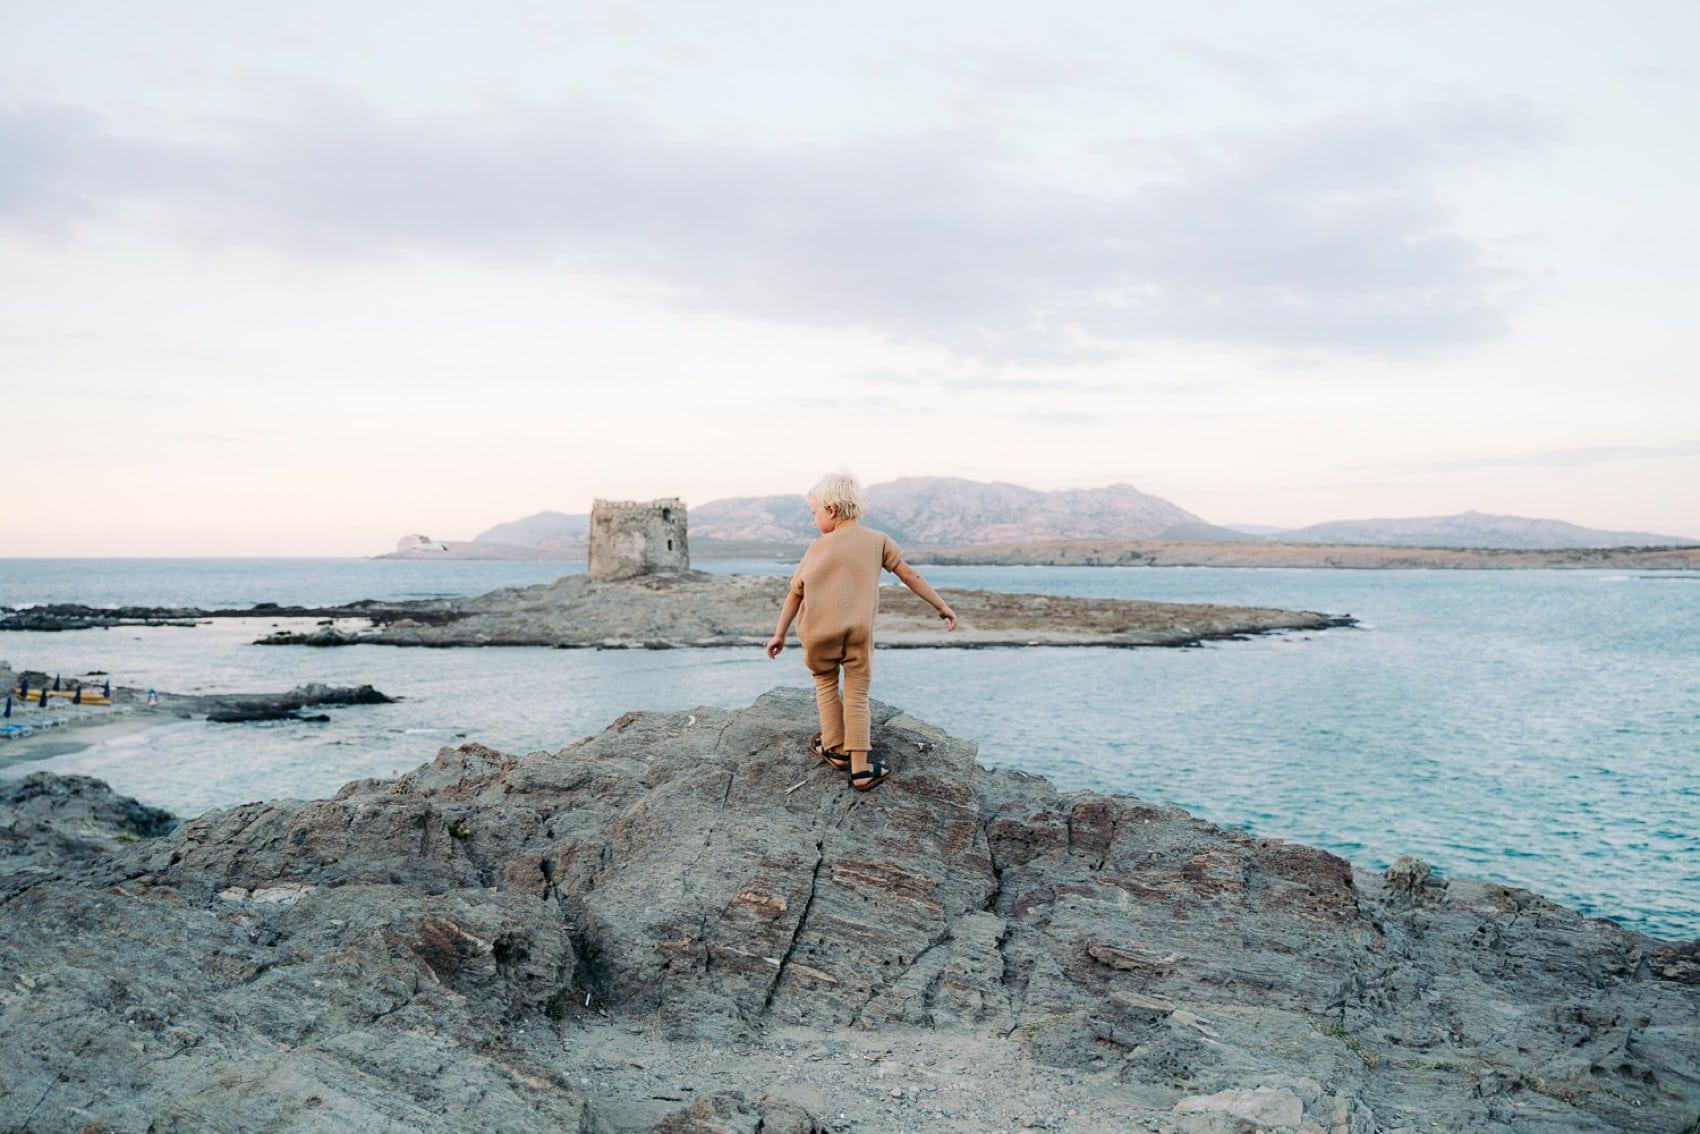 miglior fotografo Sardegna